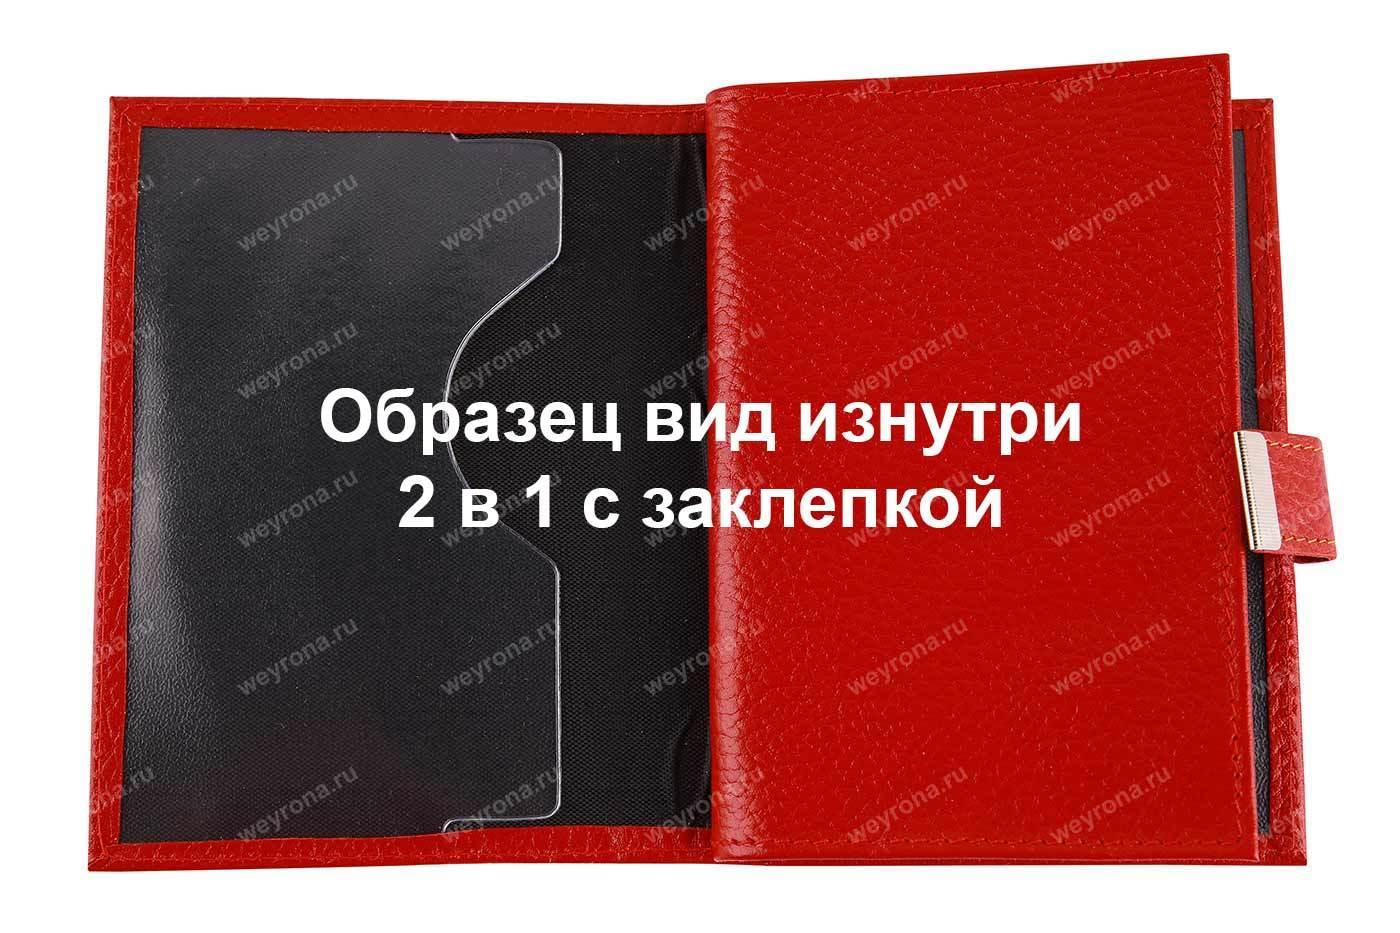 Обложка с заклепкой ФЛОТЕР ЧЕРНАЯ СТРОЧКА  2 в 1 (ТЕЛЯЧЬЯ КОЖА)